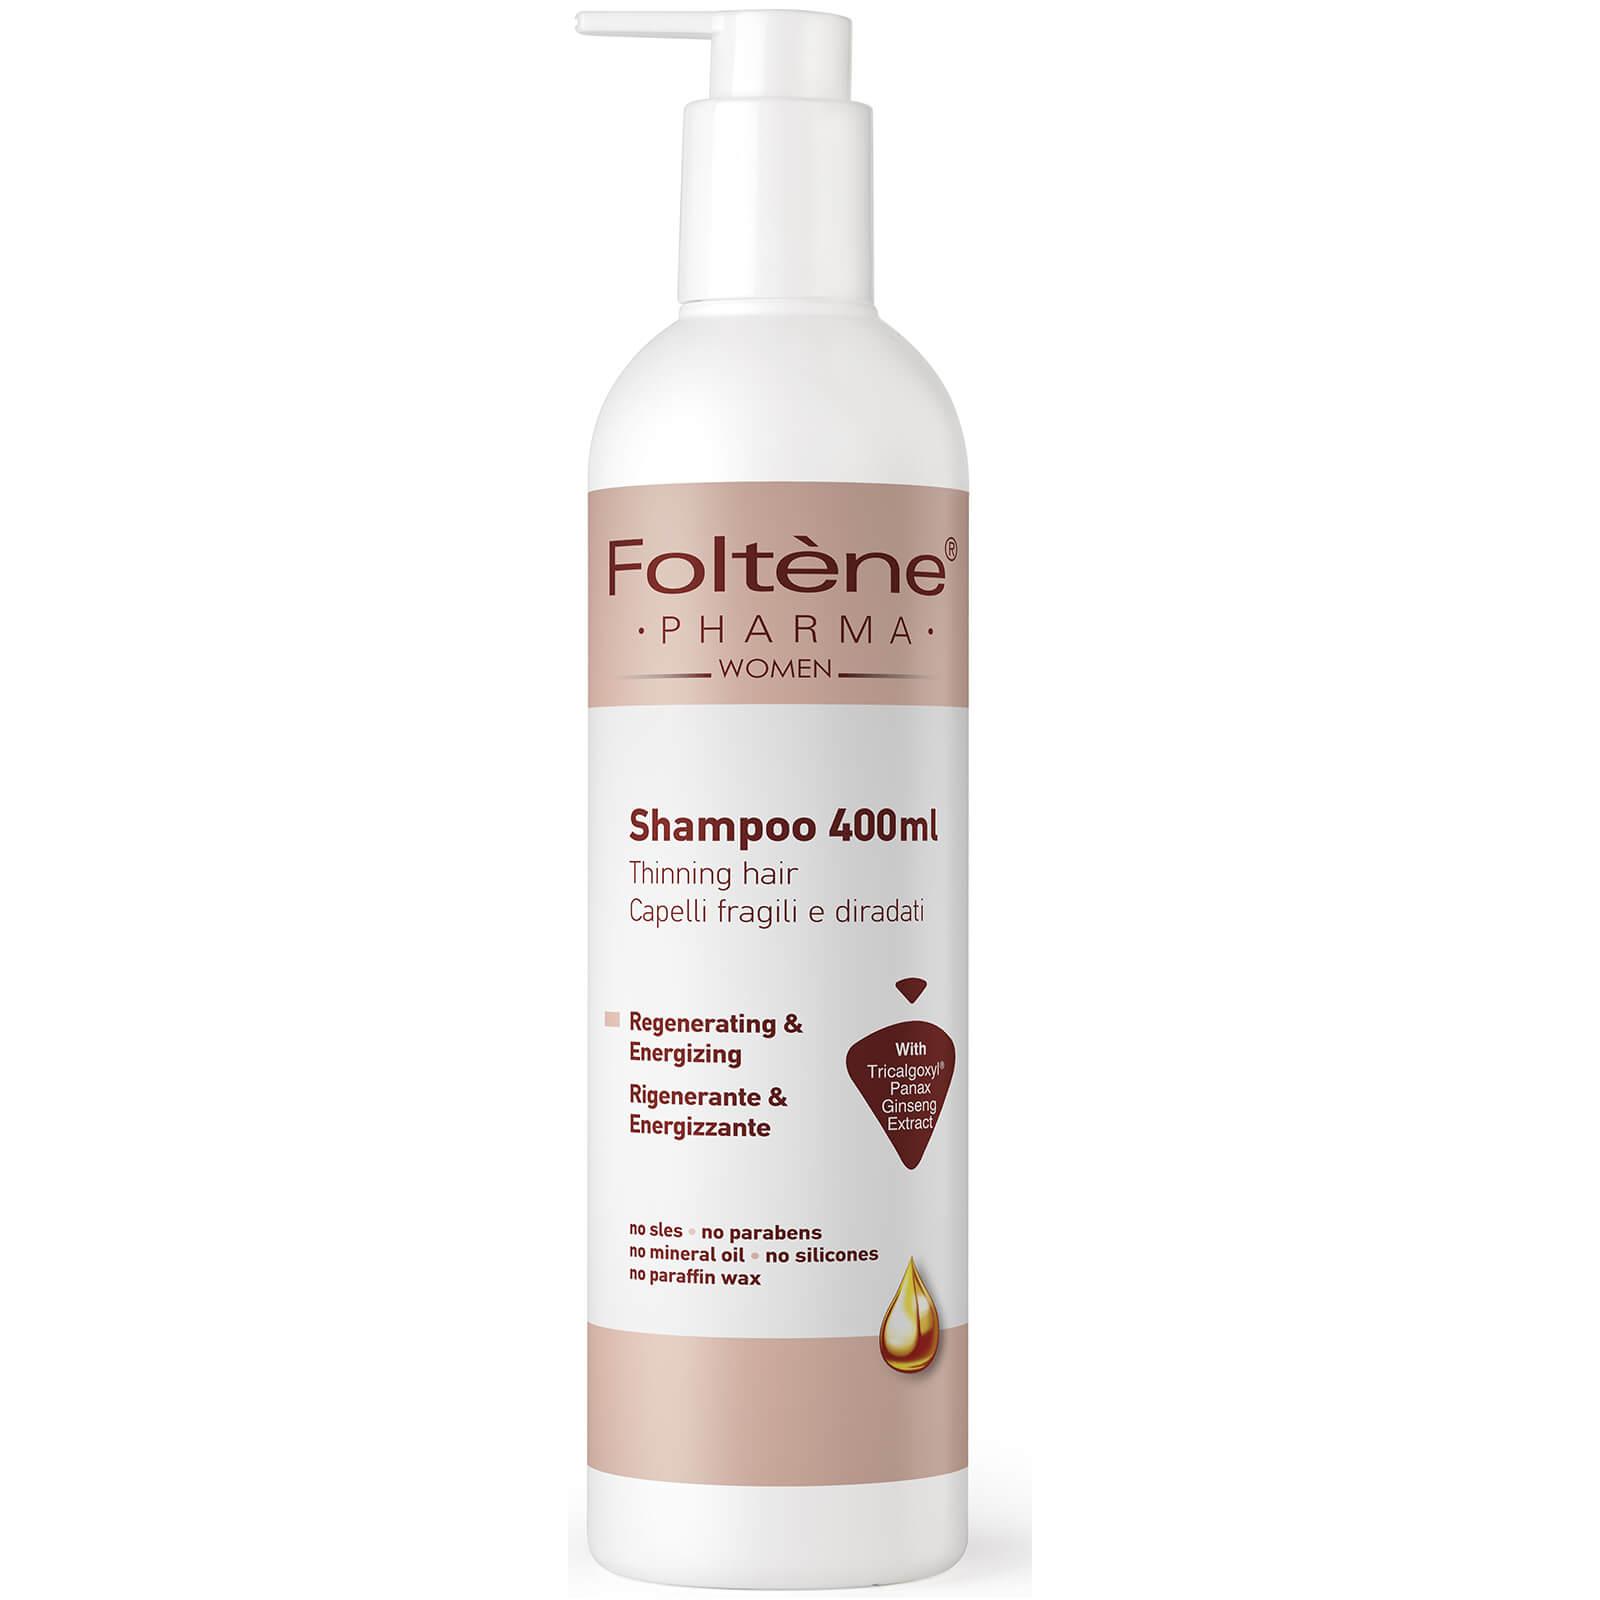 Foltène Shampooing pour Cheveux Fins pour Femme Foltène 400ml